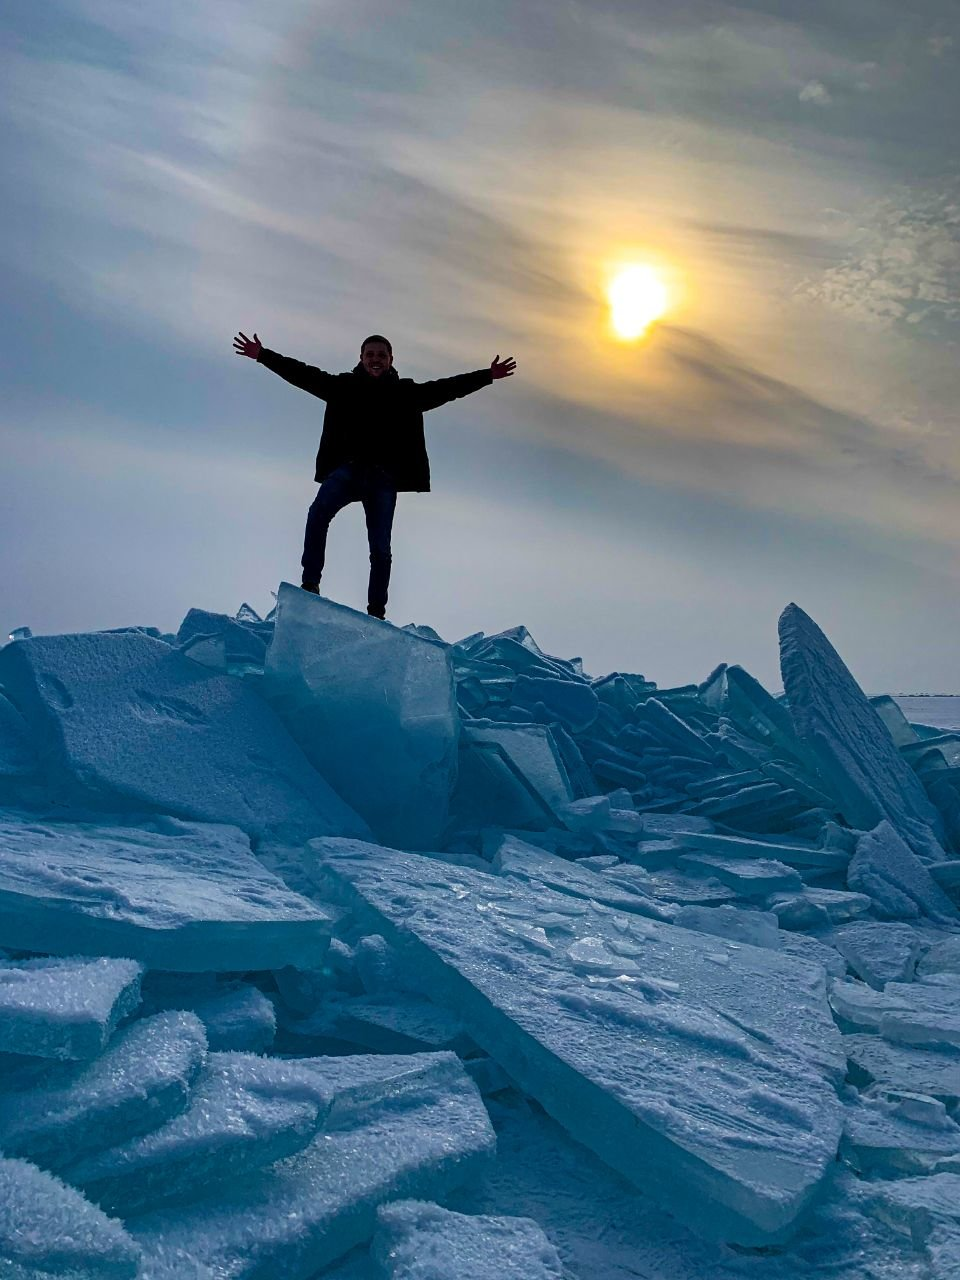 Как бесплатно и безопасно посмотреть на Капшагайские льдины, рассказали в акимате и ДЧС, фото-1